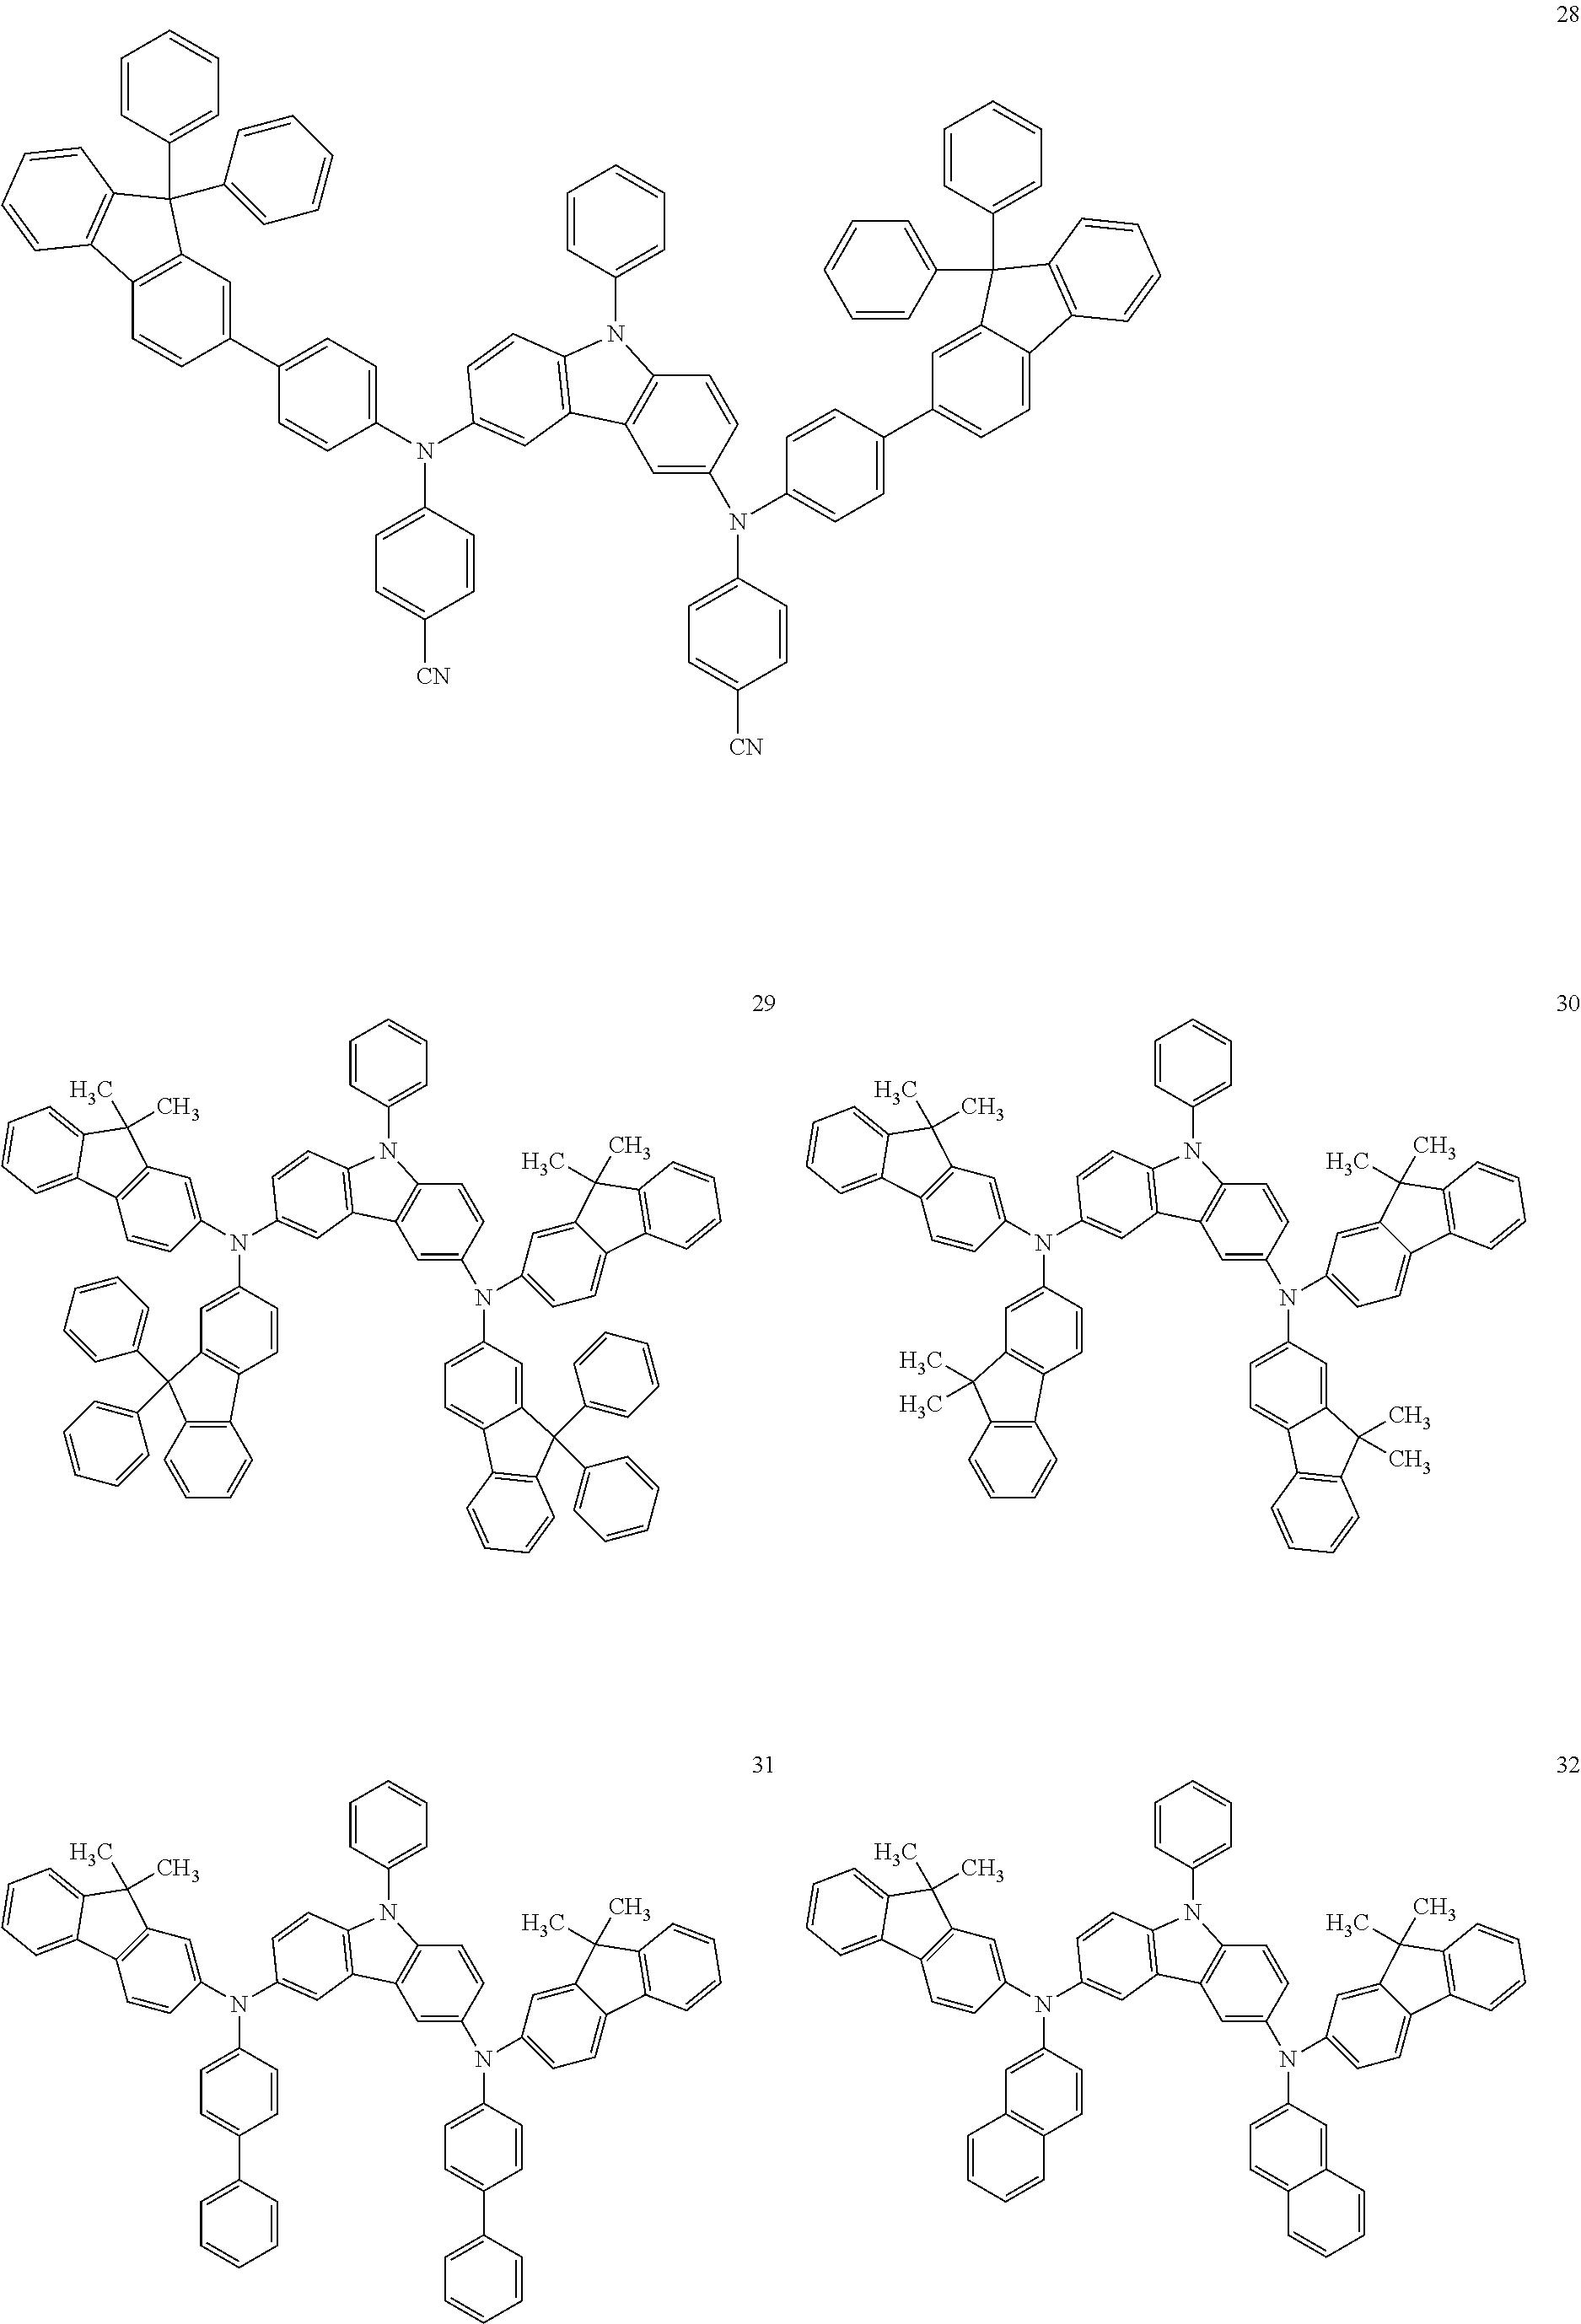 Figure US20110215308A1-20110908-C00034